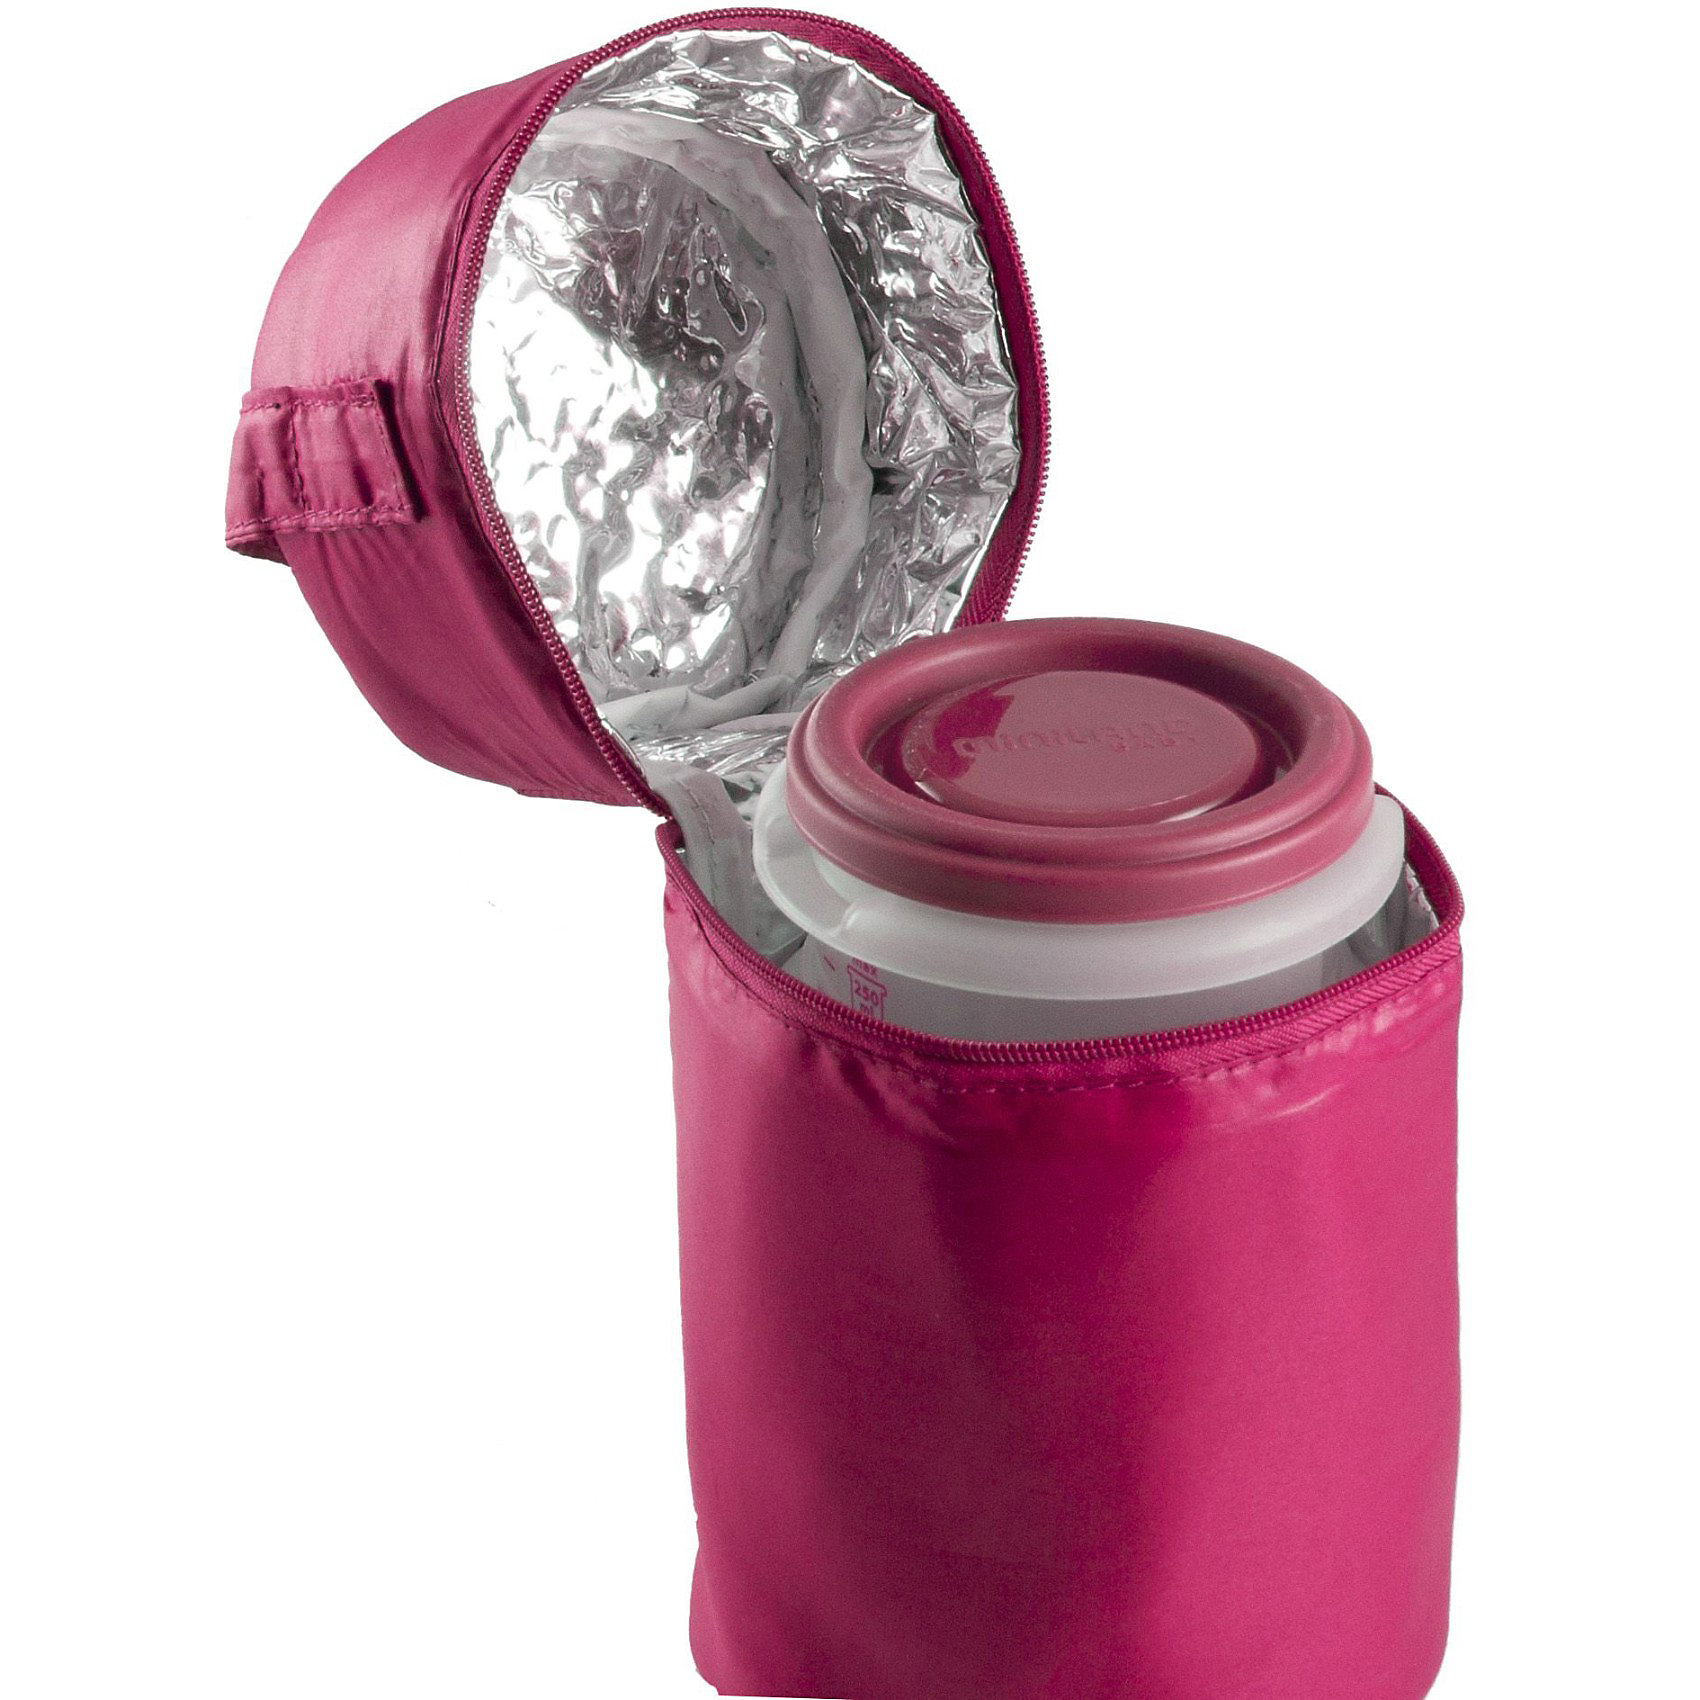 Термосумка с 2-мя мерными стаканчиками, HERMISIZED, розовый (Miniland)